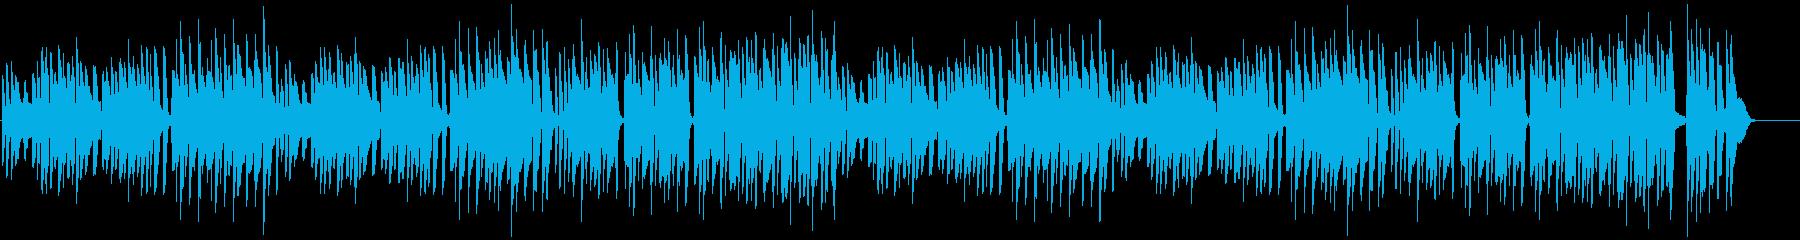 猫のかわいさを表現したピアノゆるポップの再生済みの波形